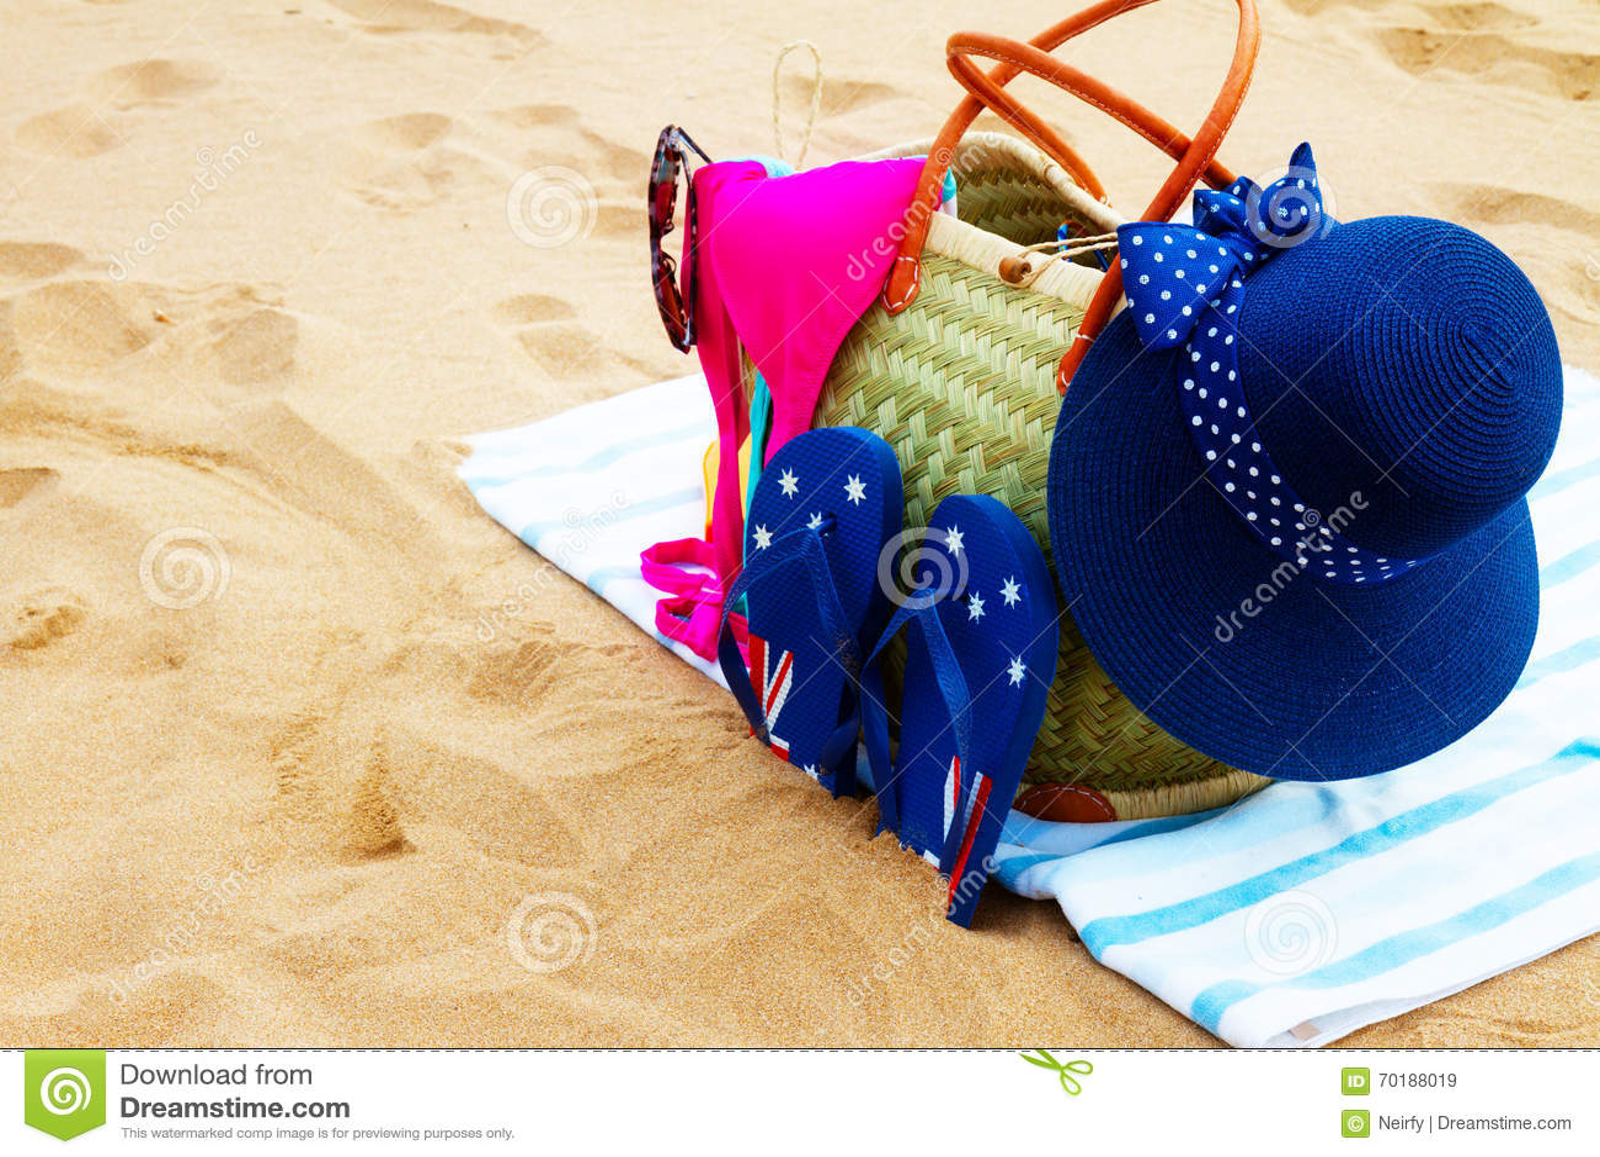 Solbada tillbehör på den sandiga stranden